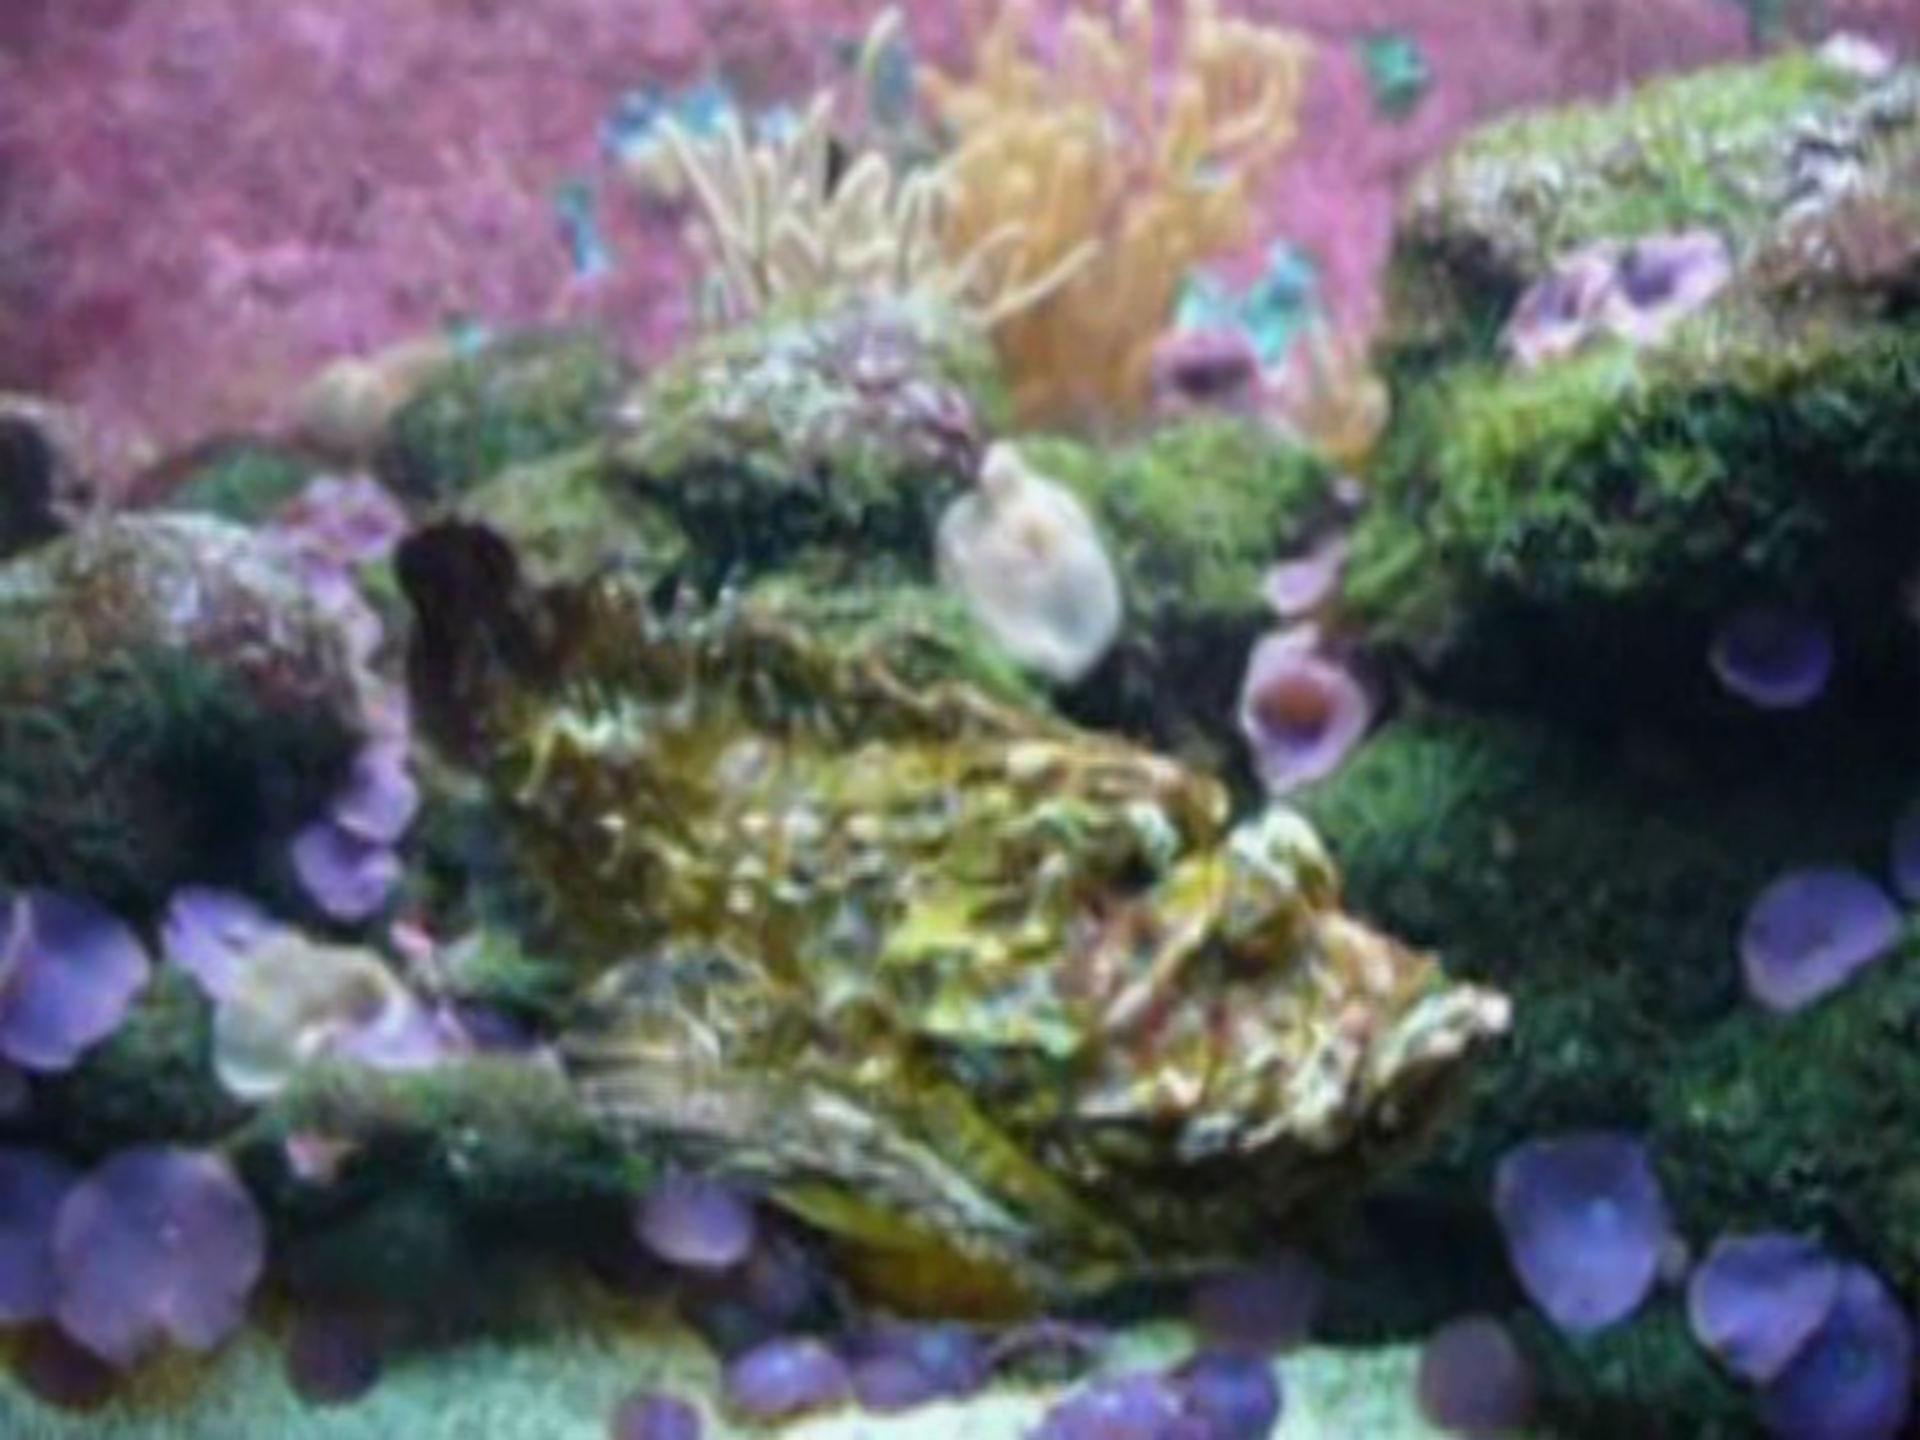 Synanceiidae